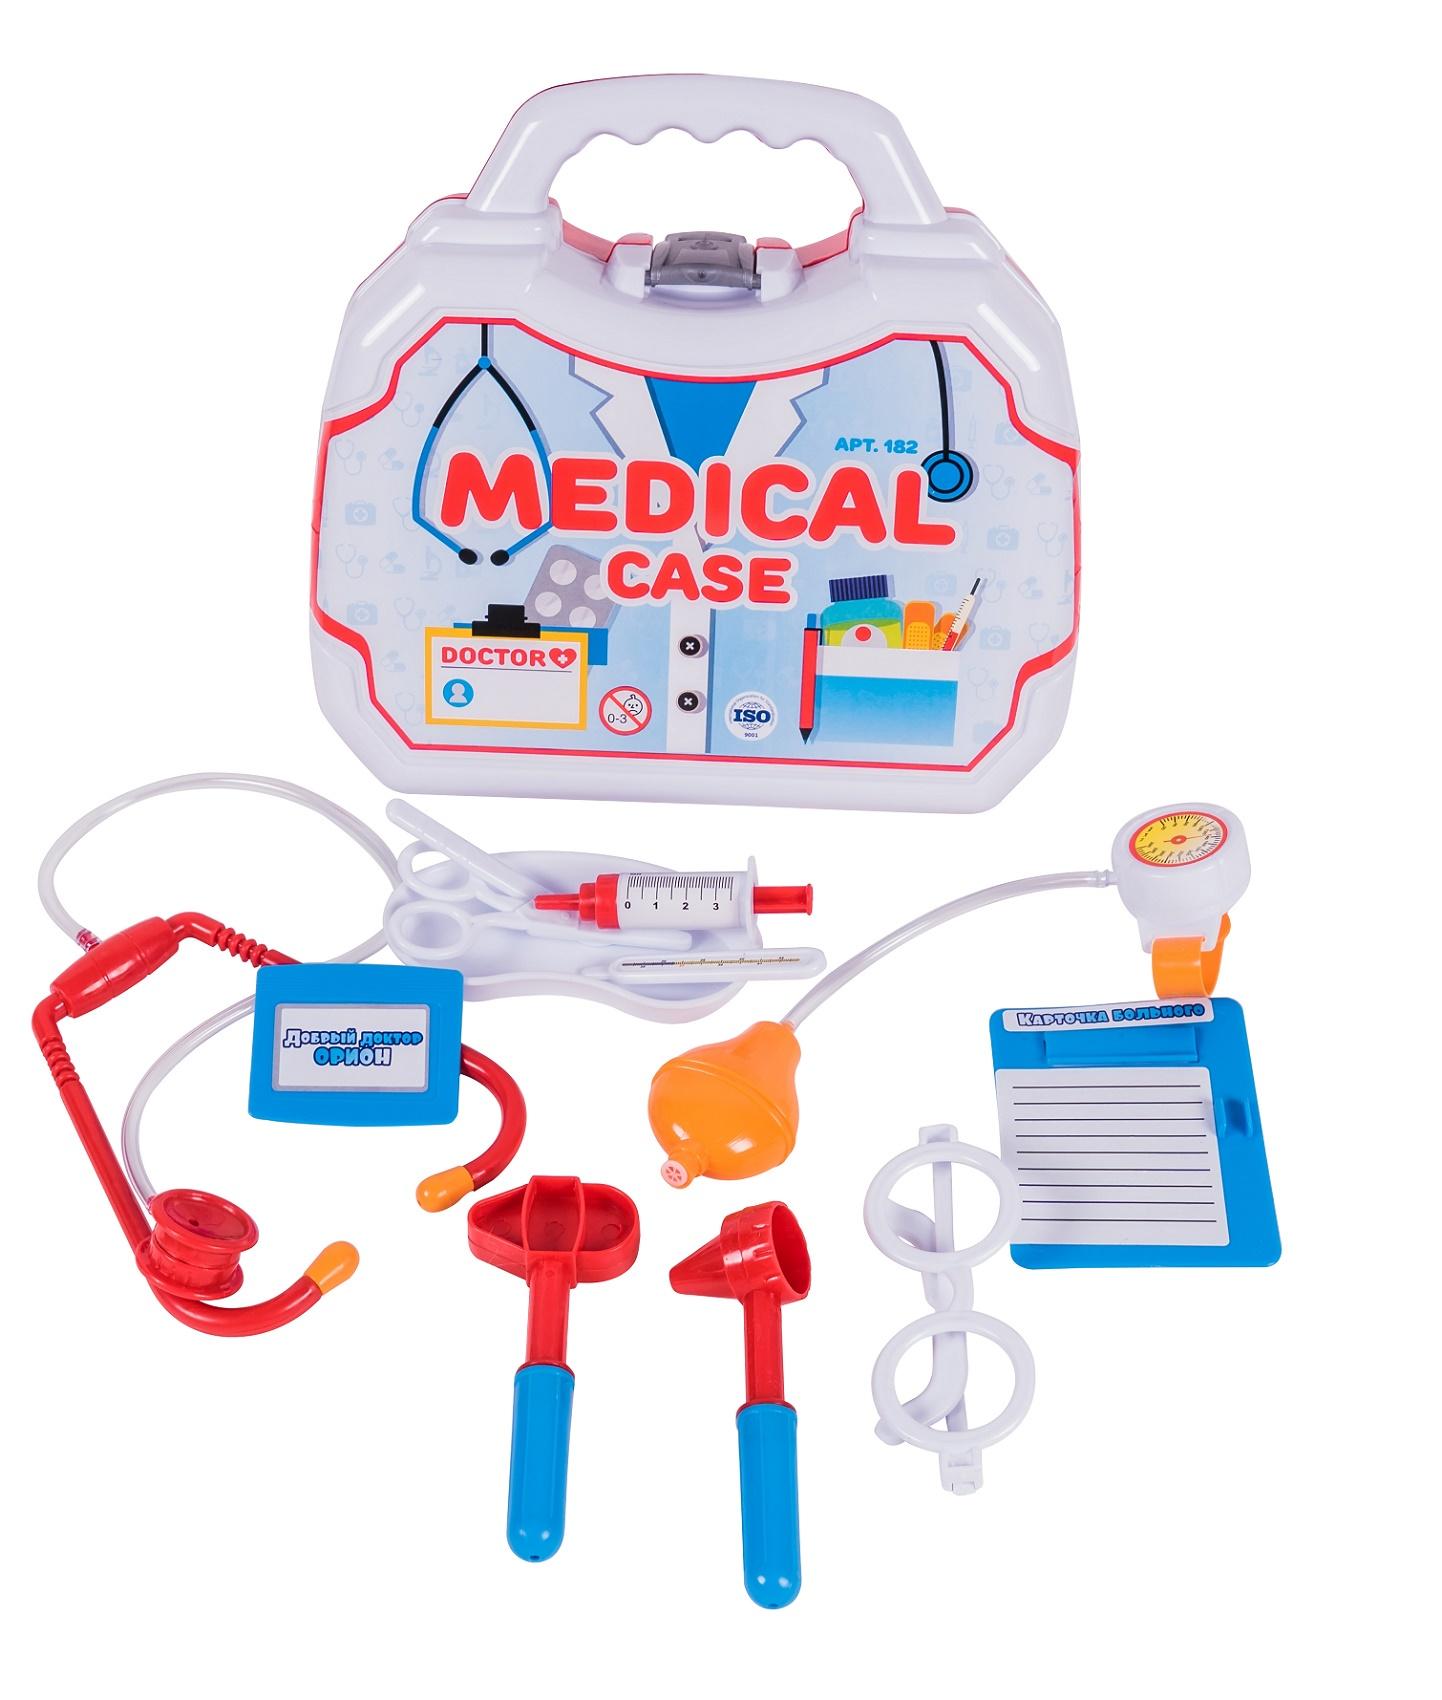 Сюжетно-ролевые игрушки ORION TOYS Медицинский 182 в чемодане, 1156592 белый, красный splashlings игровой набор медицинский центр splashlings